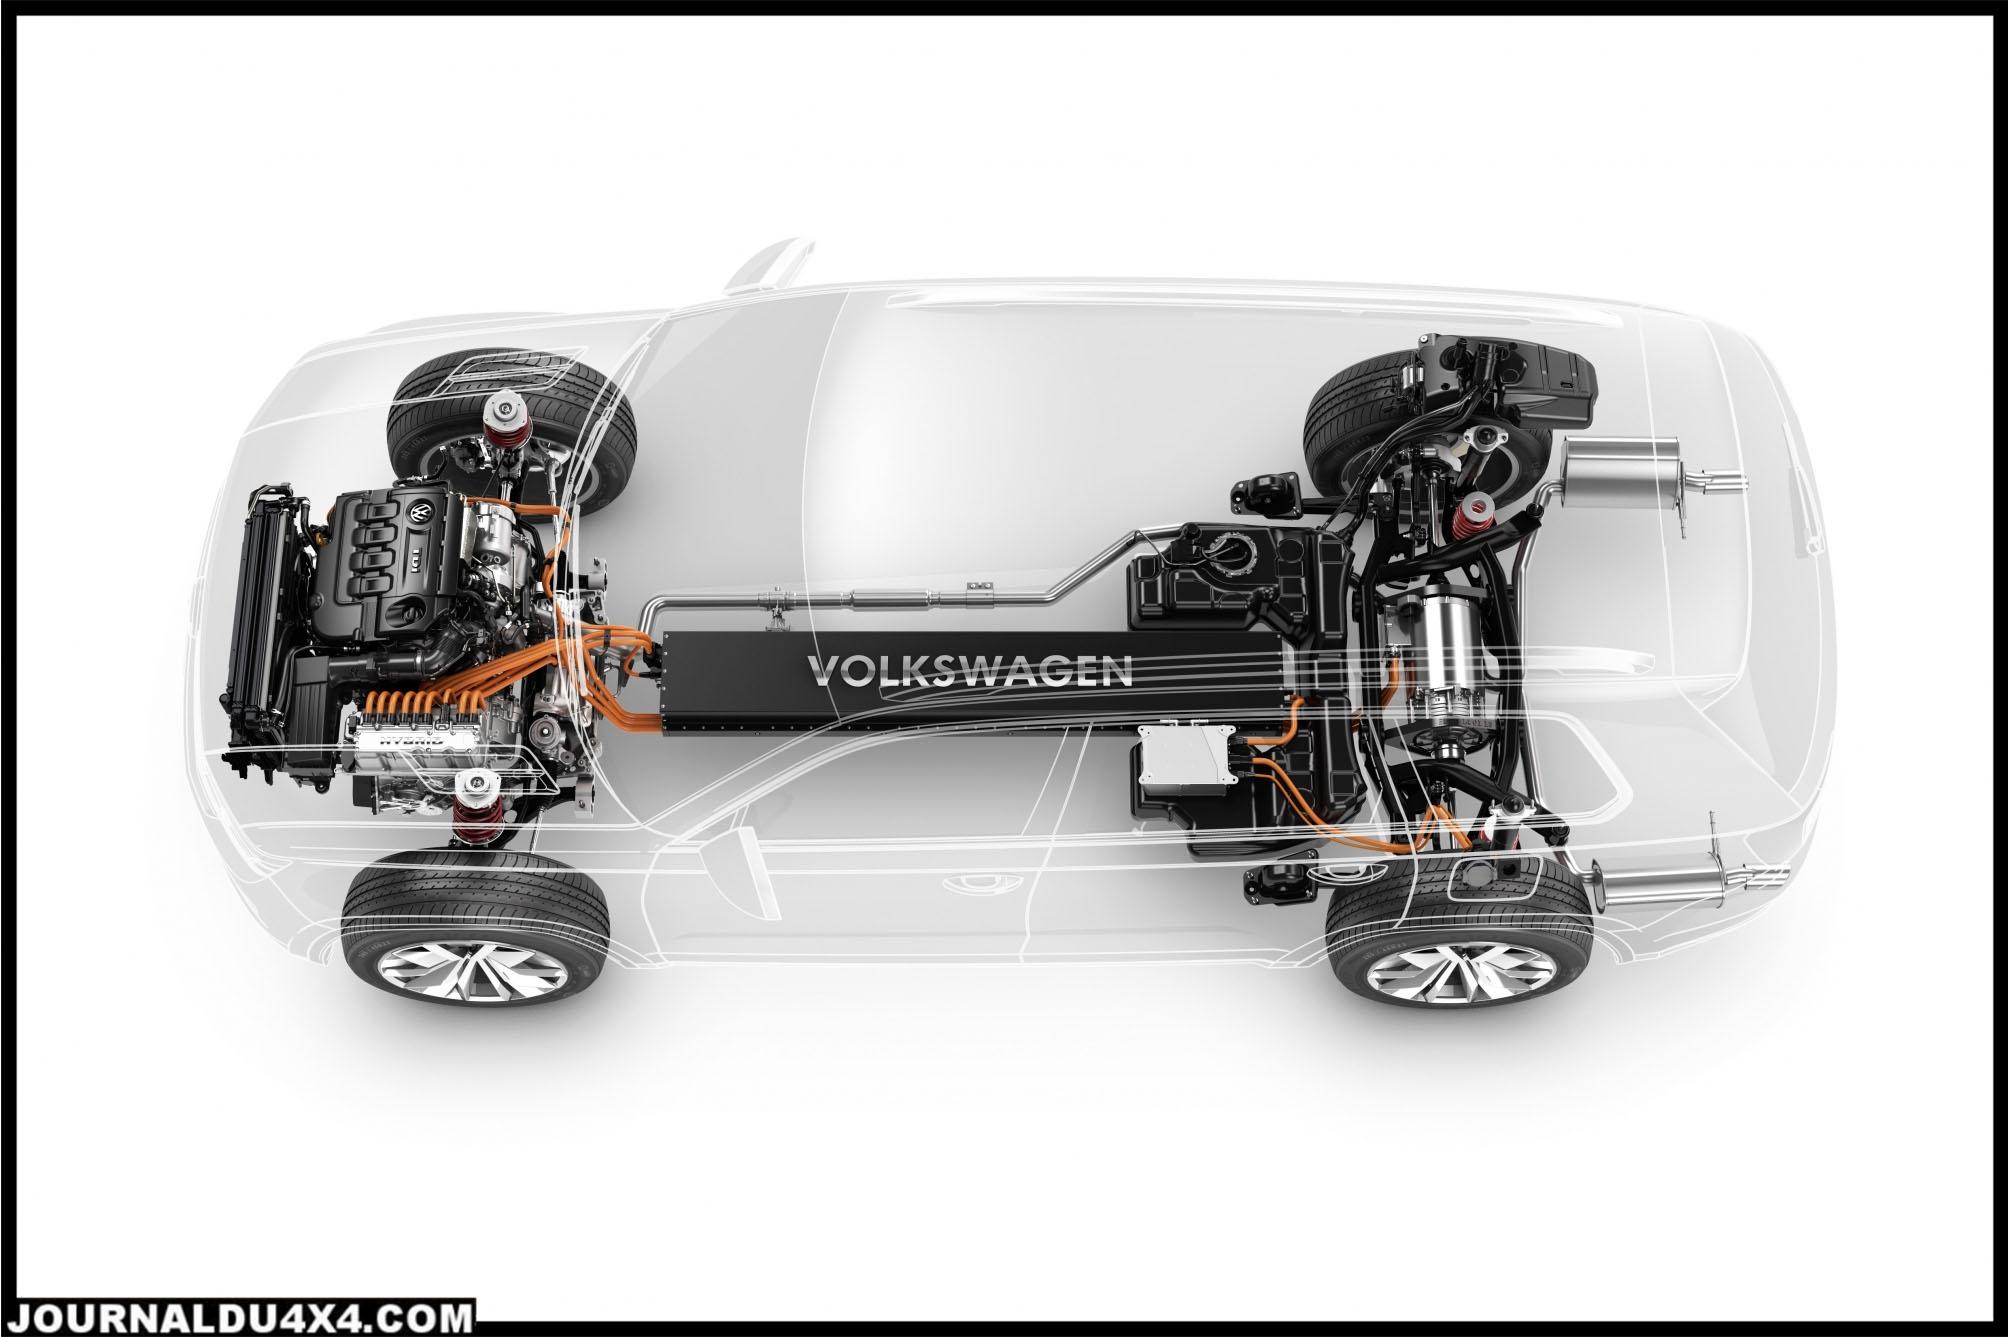 2 roues motrices avant (via le TDI et e-moteur à l'avant) ; 4 roues motrices (via le TDI et le(s) e-moteur(s)) ; roues arrière motrices via le e-moteur arrière.